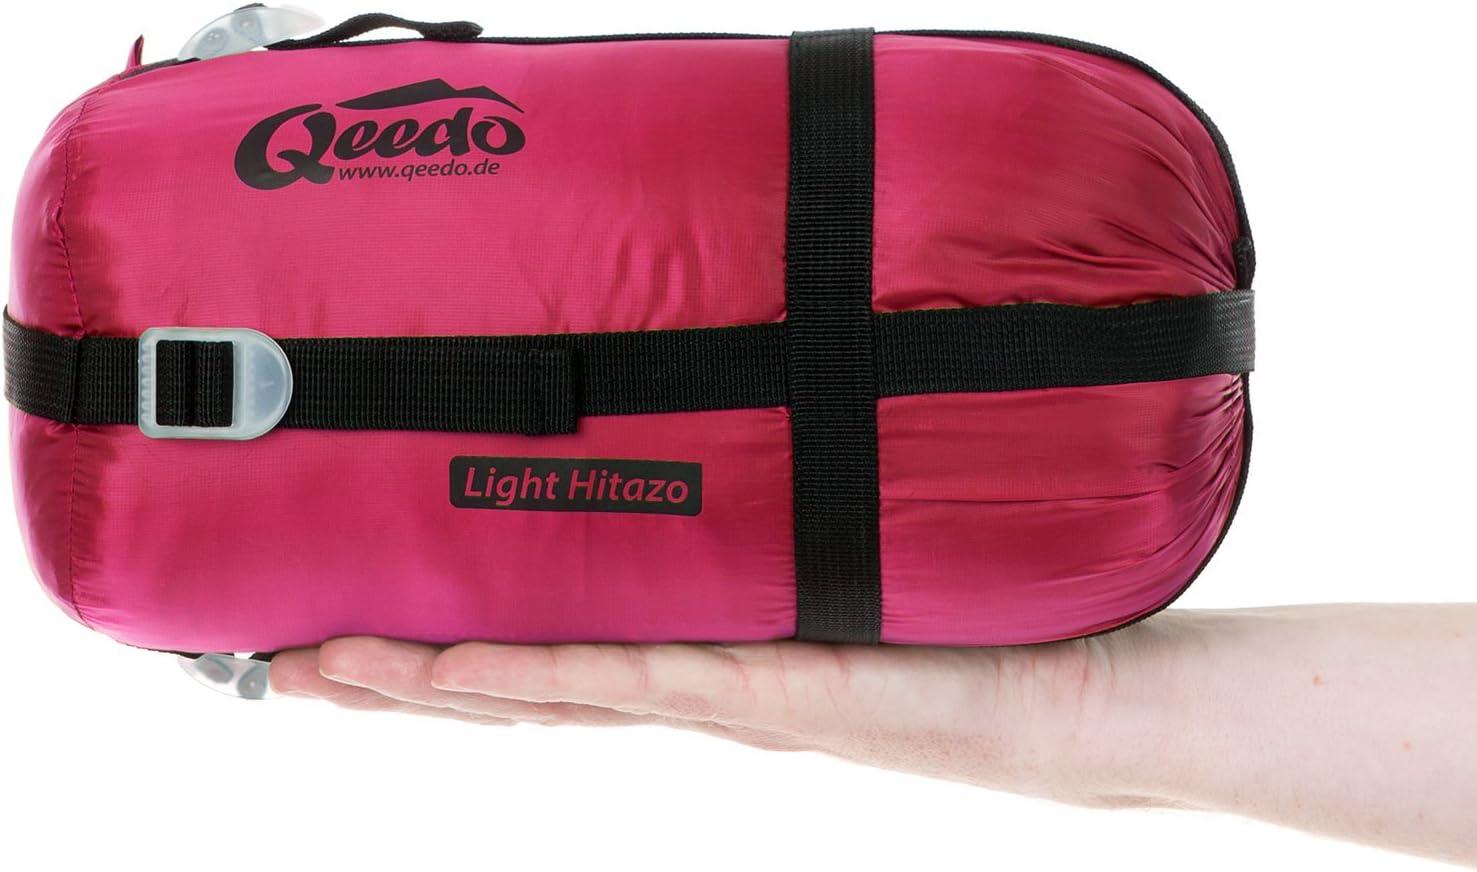 Qeedo Light Hitazo Saco de Dormir Ligero Momia 670 g Peso